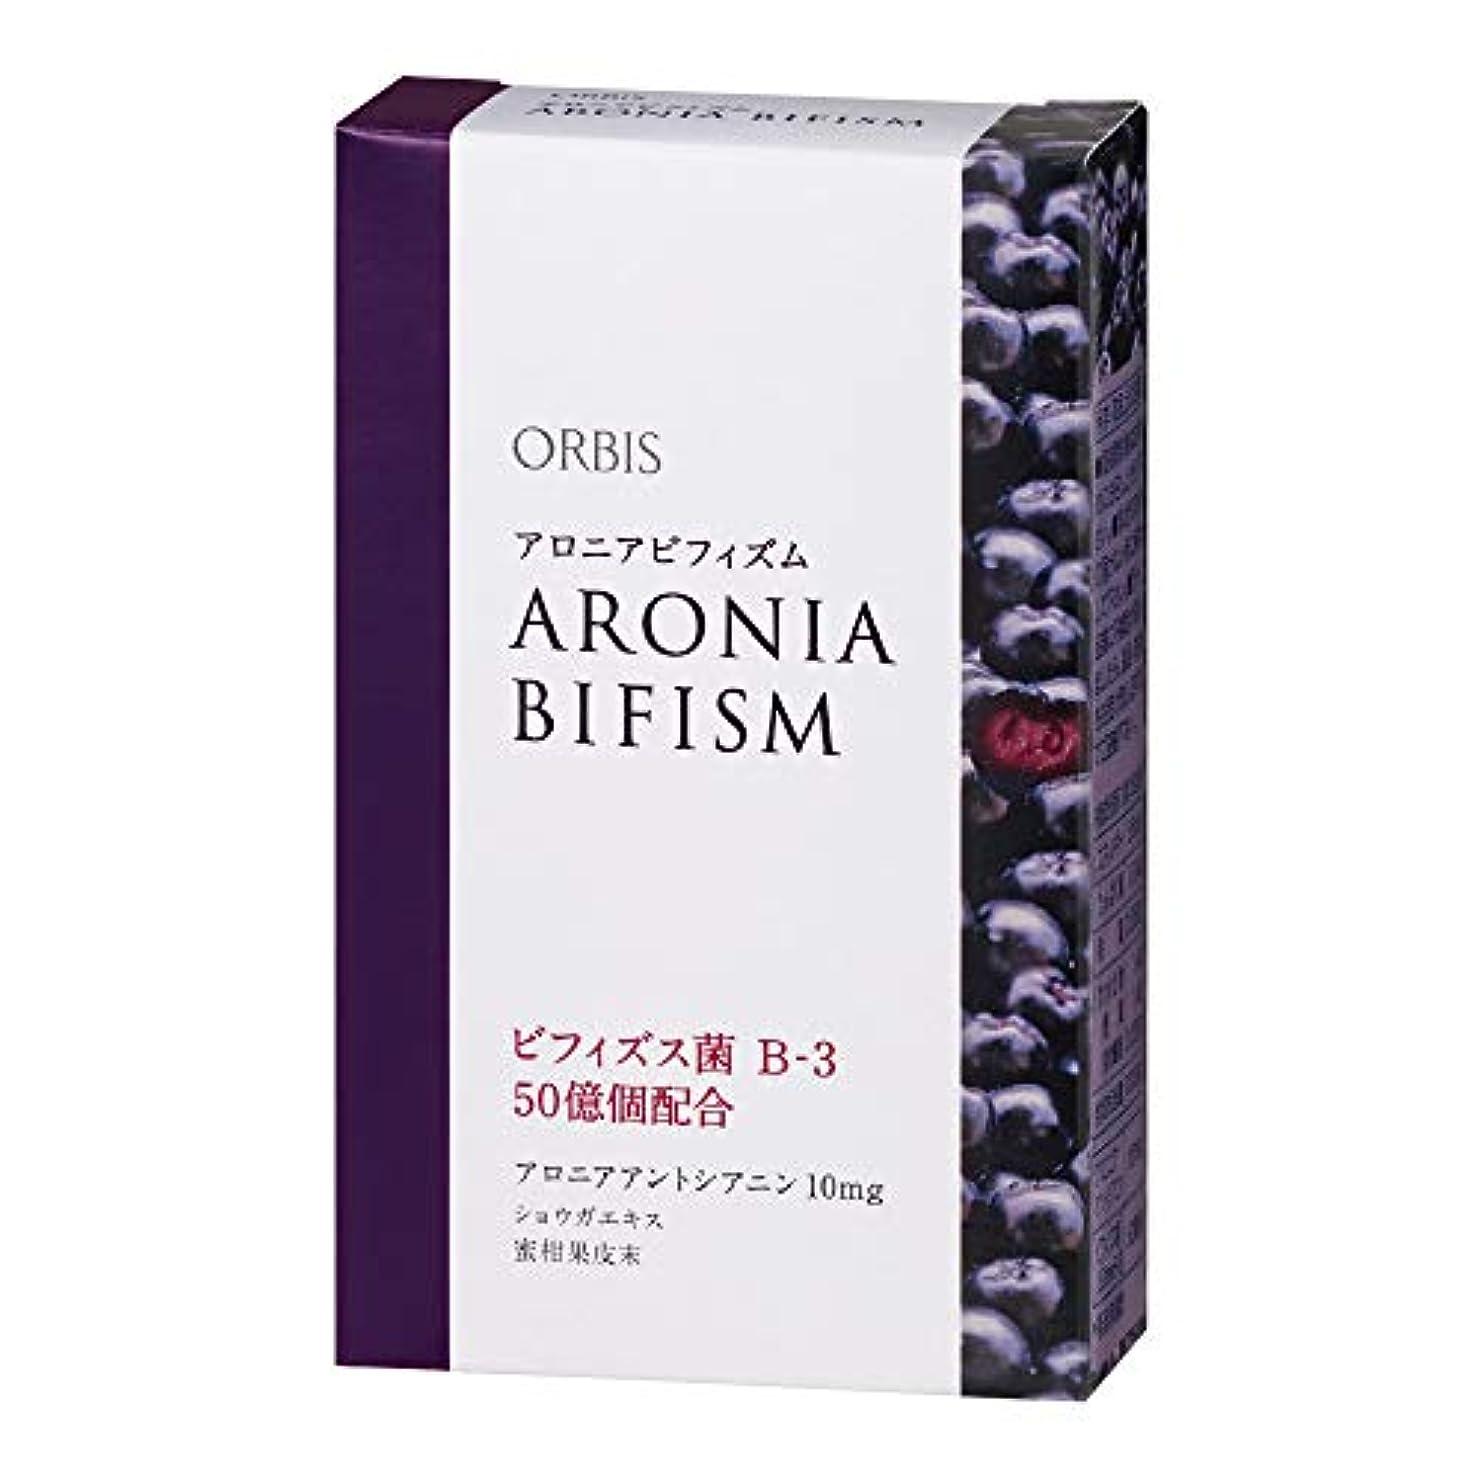 ハンカチ半ば合体オルビス(ORBIS) アロニアビフィズム(ミックスベリー風味) 15日分(1.5g×15袋) ◎美容サプリメント◎